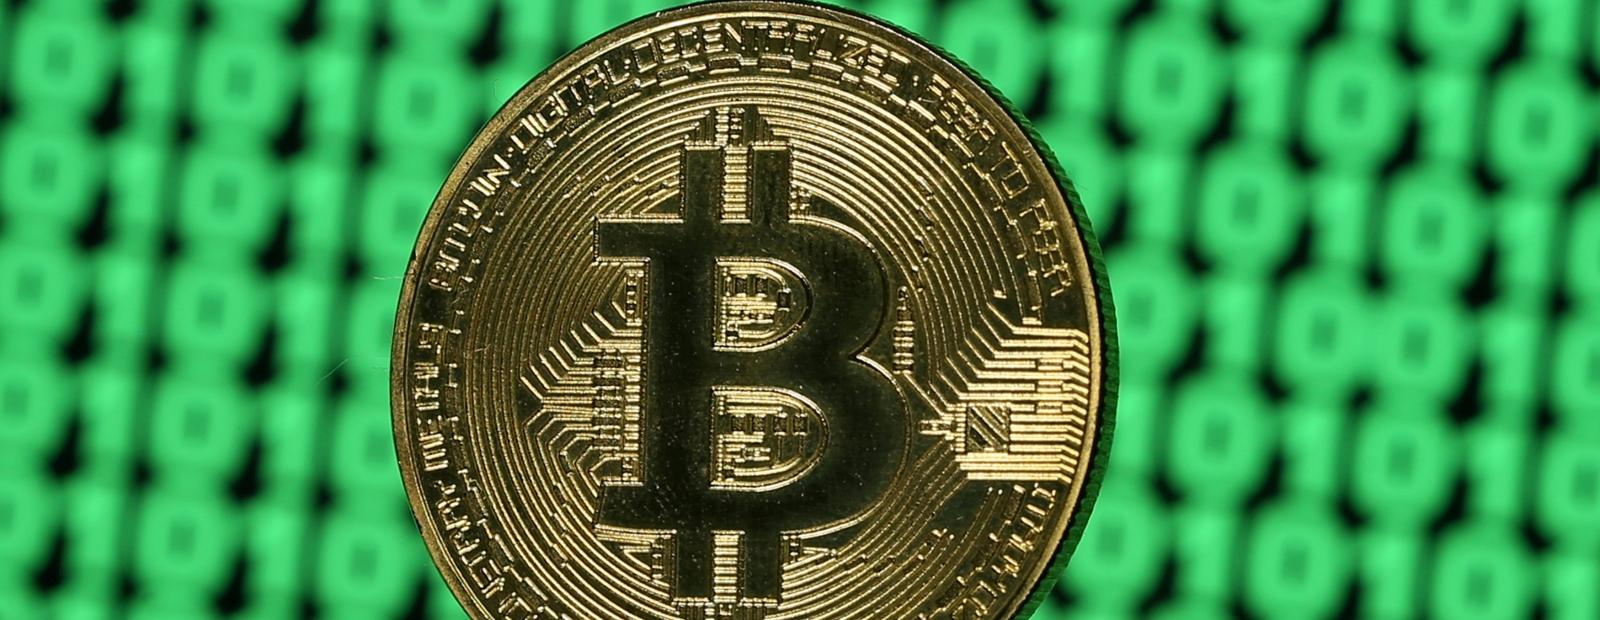 Labākie monētu tirdzniecības signāli gadā - galīgais ceļvedis